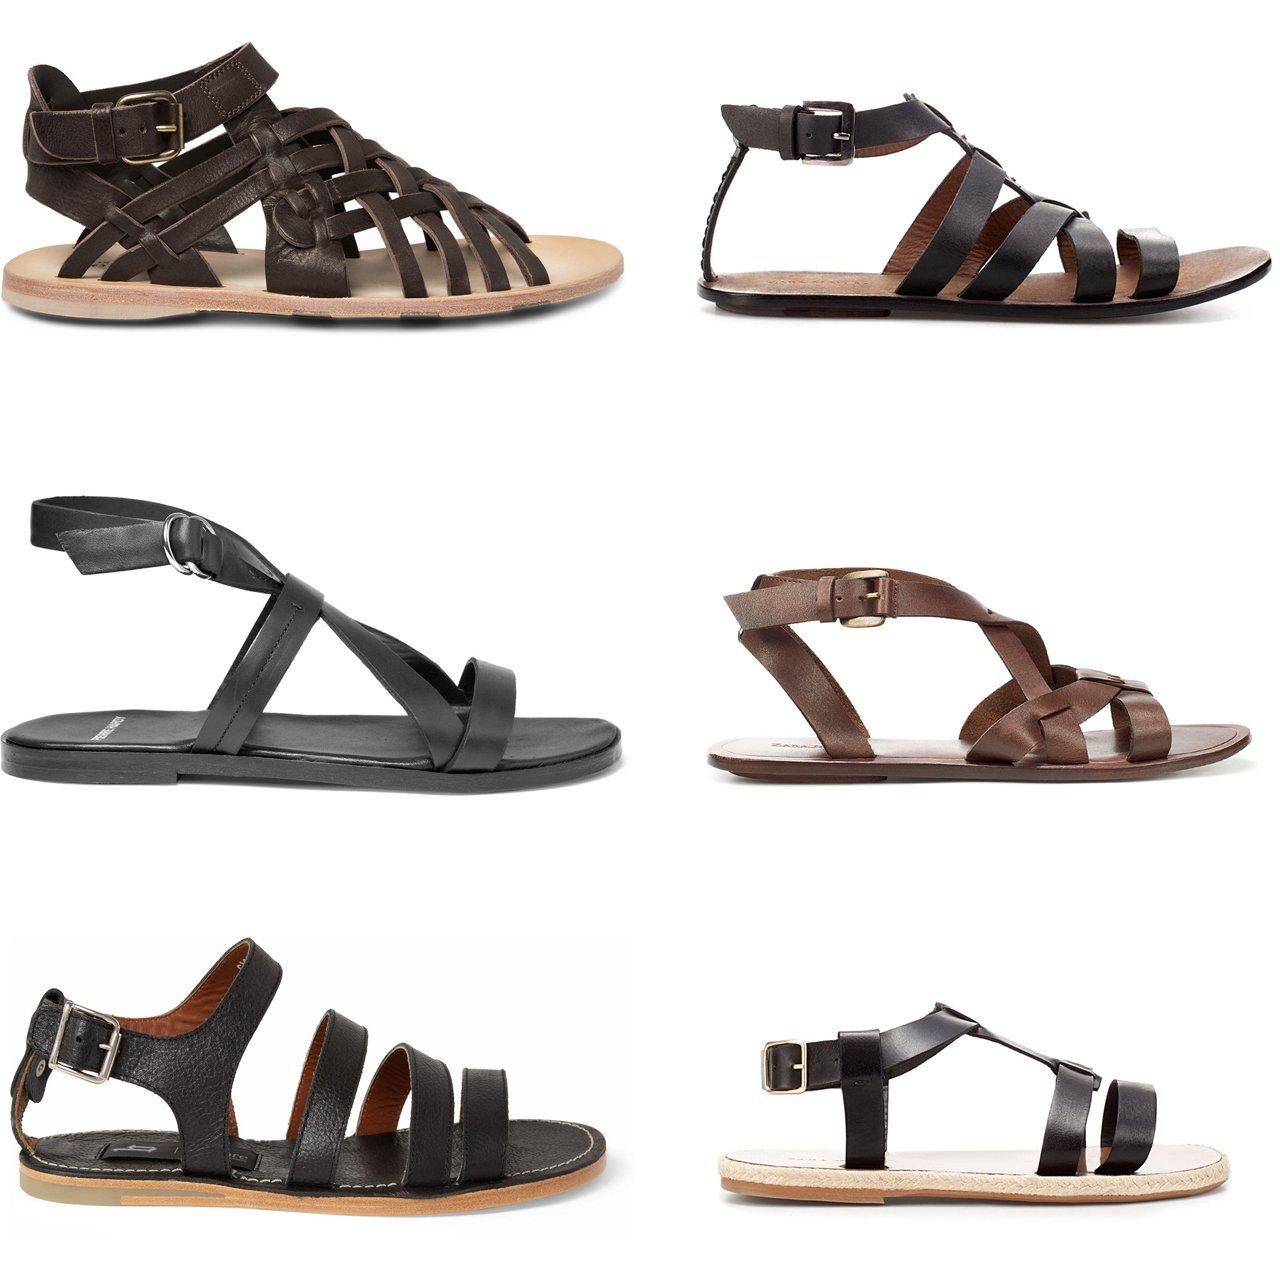 modelos-novos-sandalias-gladiadoras